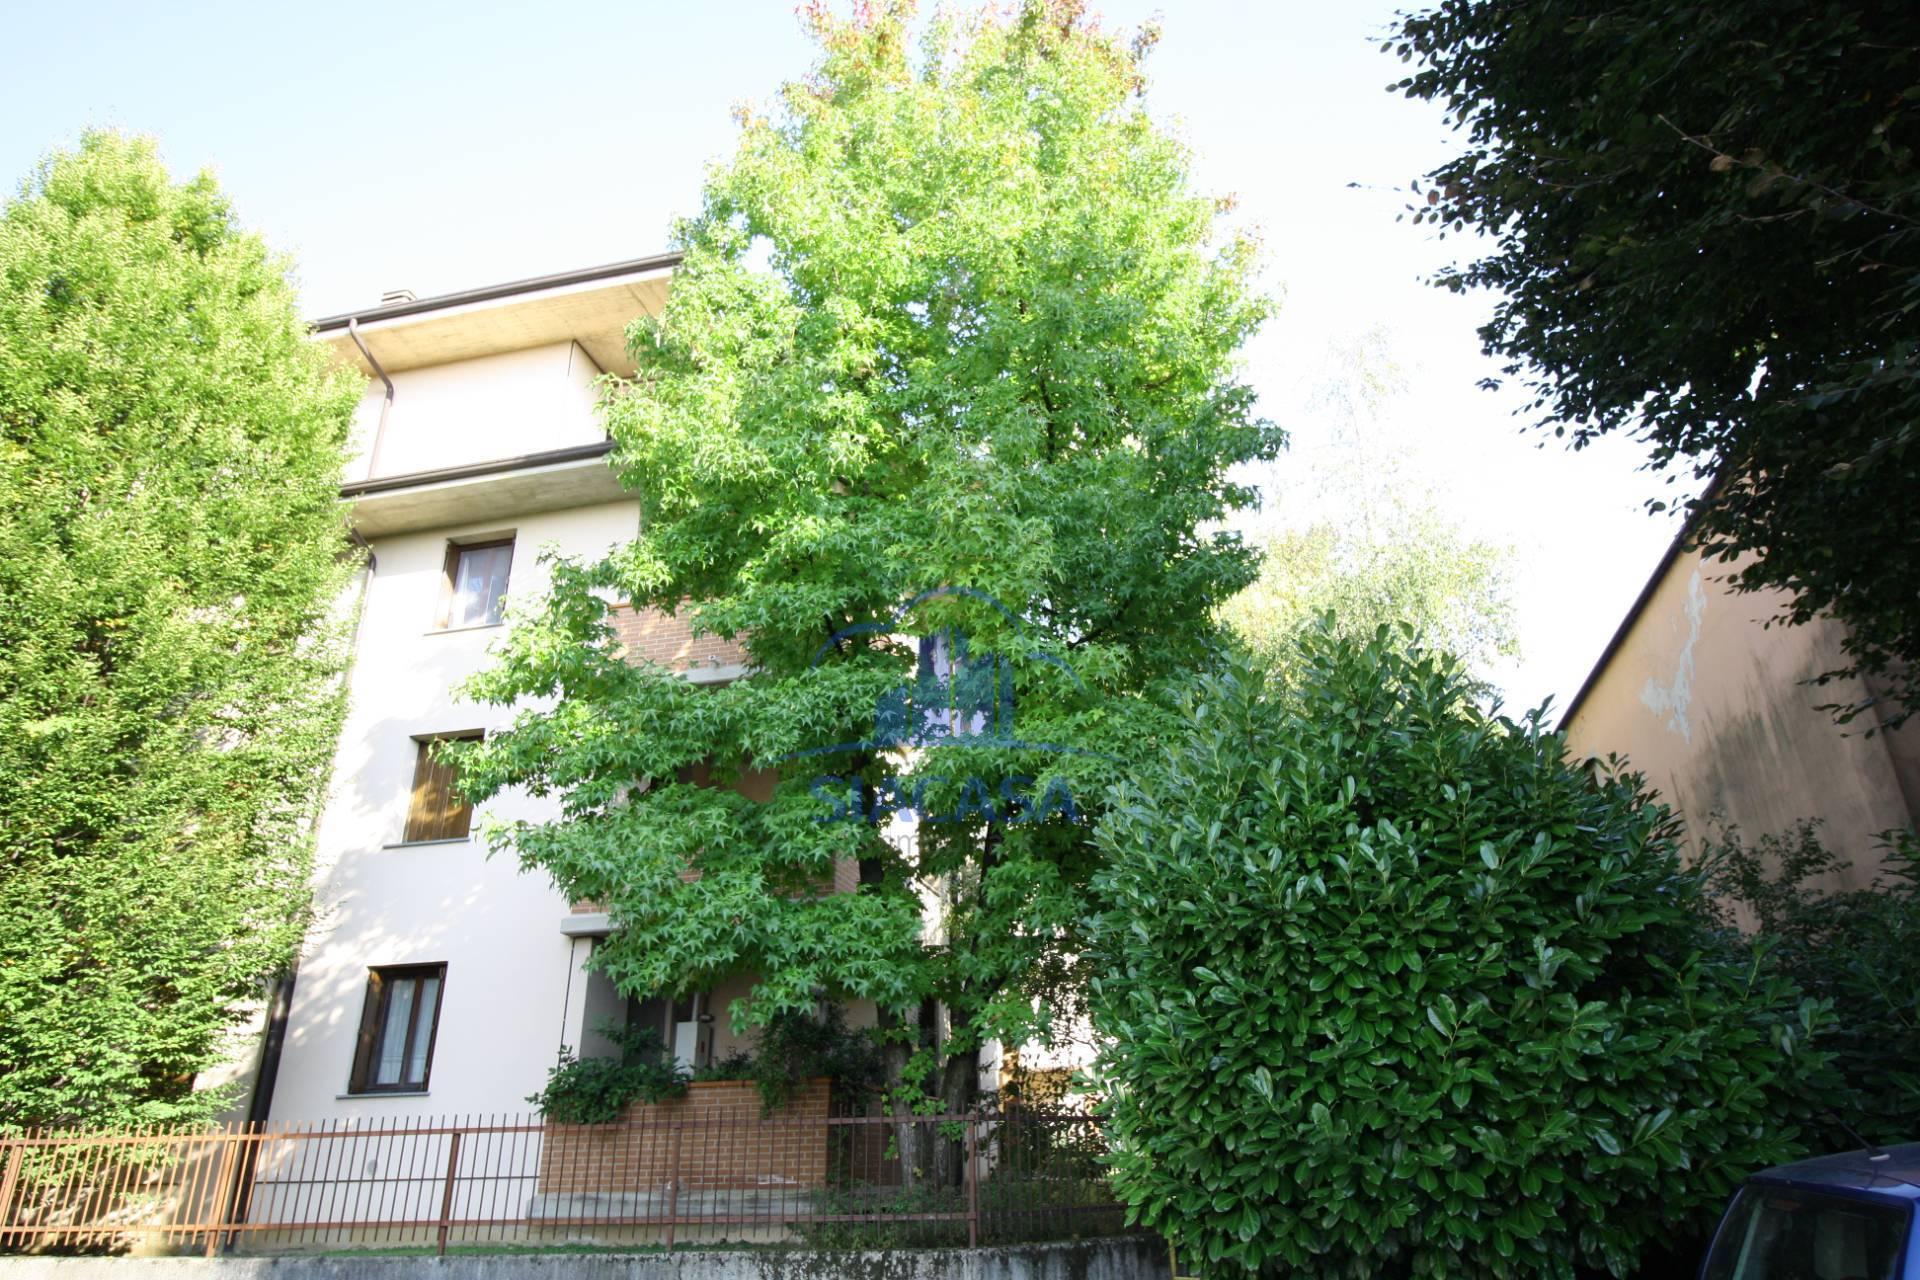 Appartamento in vendita a Concorezzo, 3 locali, prezzo € 188.000 | PortaleAgenzieImmobiliari.it